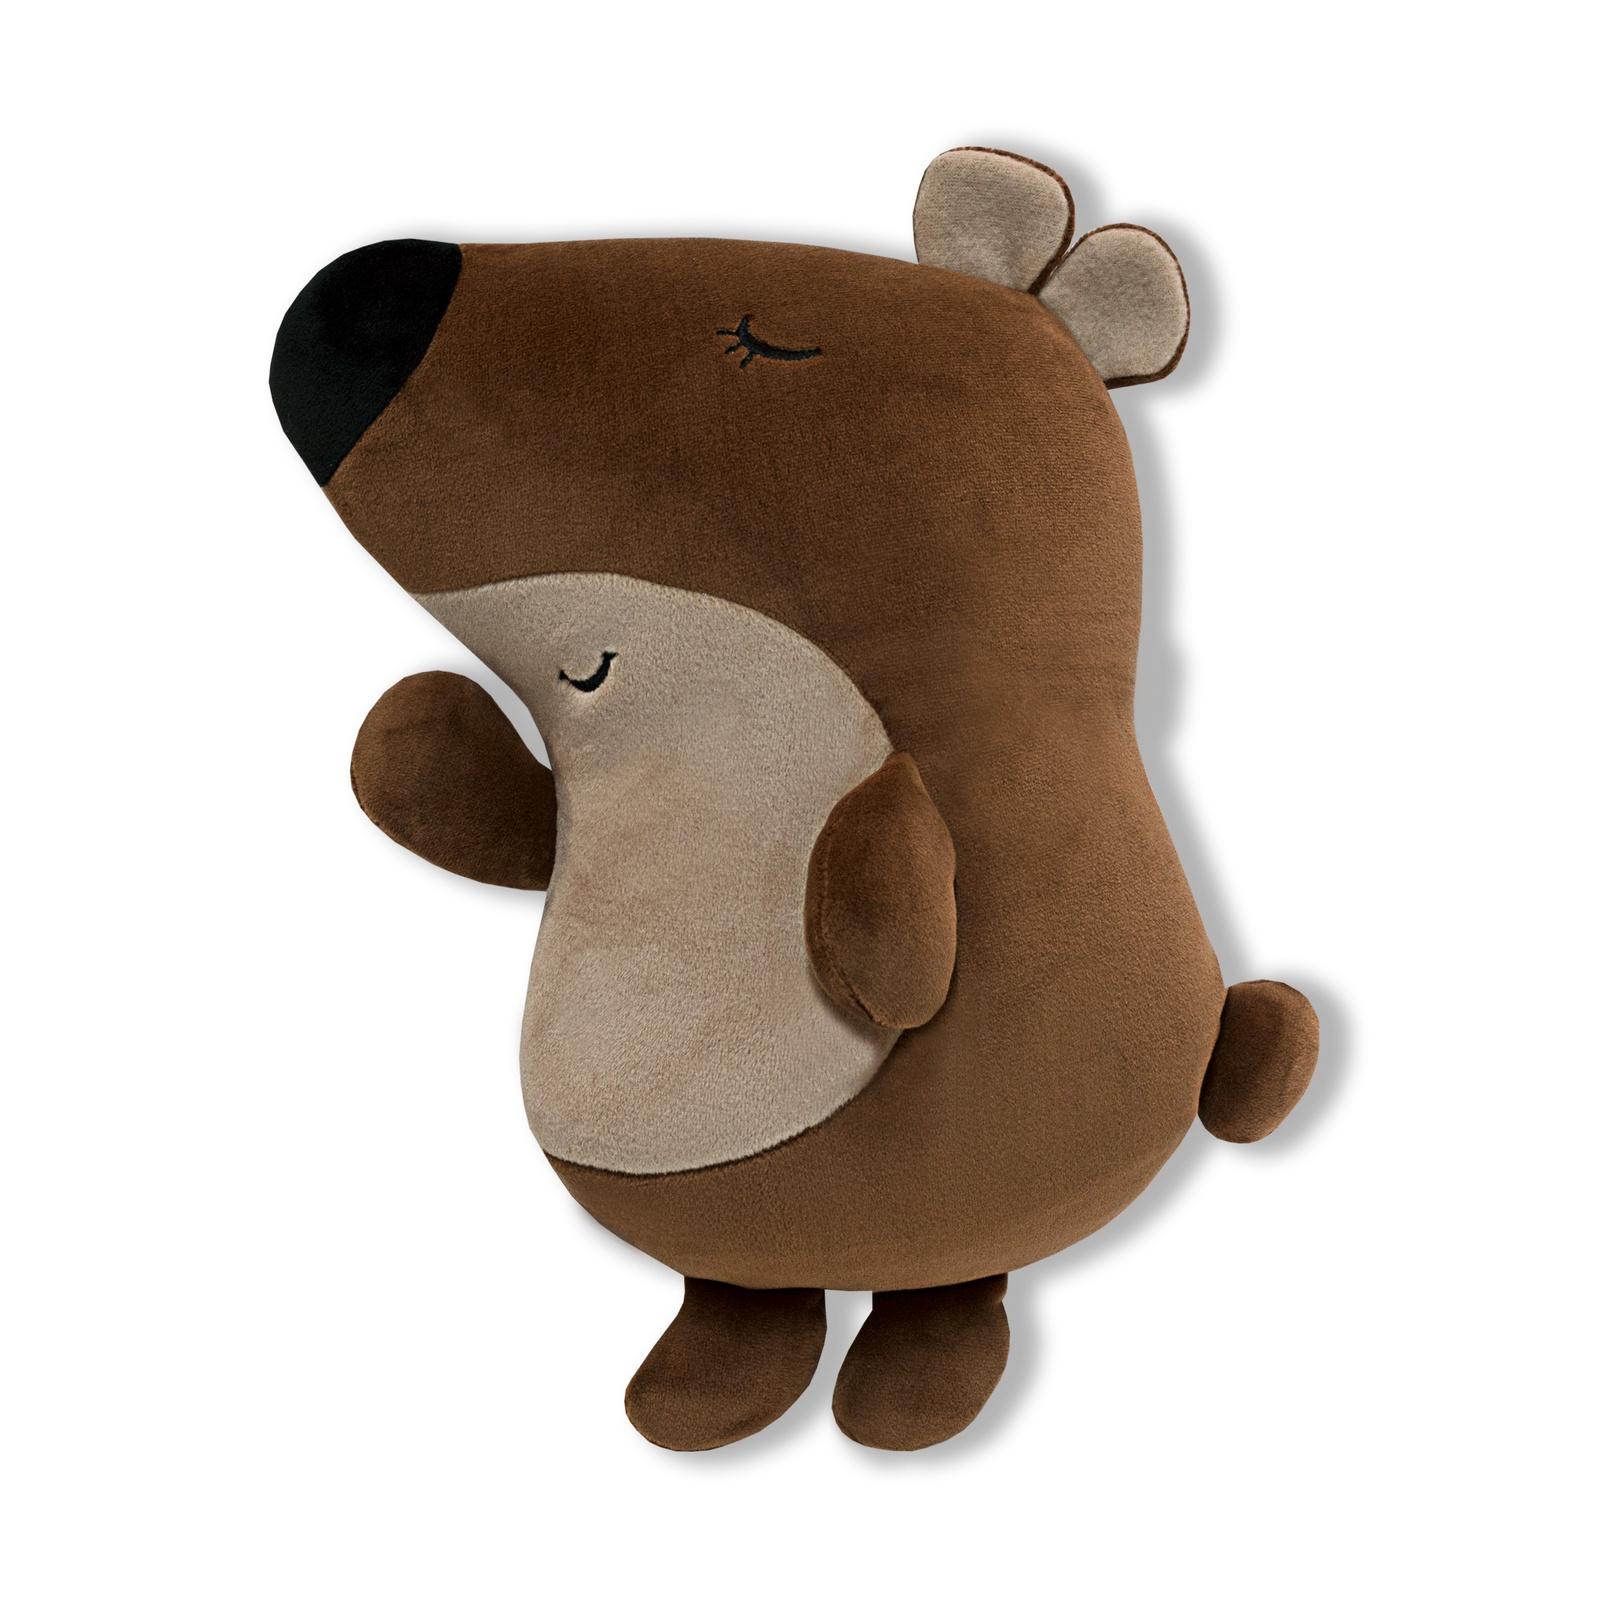 Игрушка антистресс Штучки, к которым тянутся ручки Сплюшка Медведь игрушка антистресс штучки к которым тянутся ручки лиса открытка в ассортименте 18асо03ив